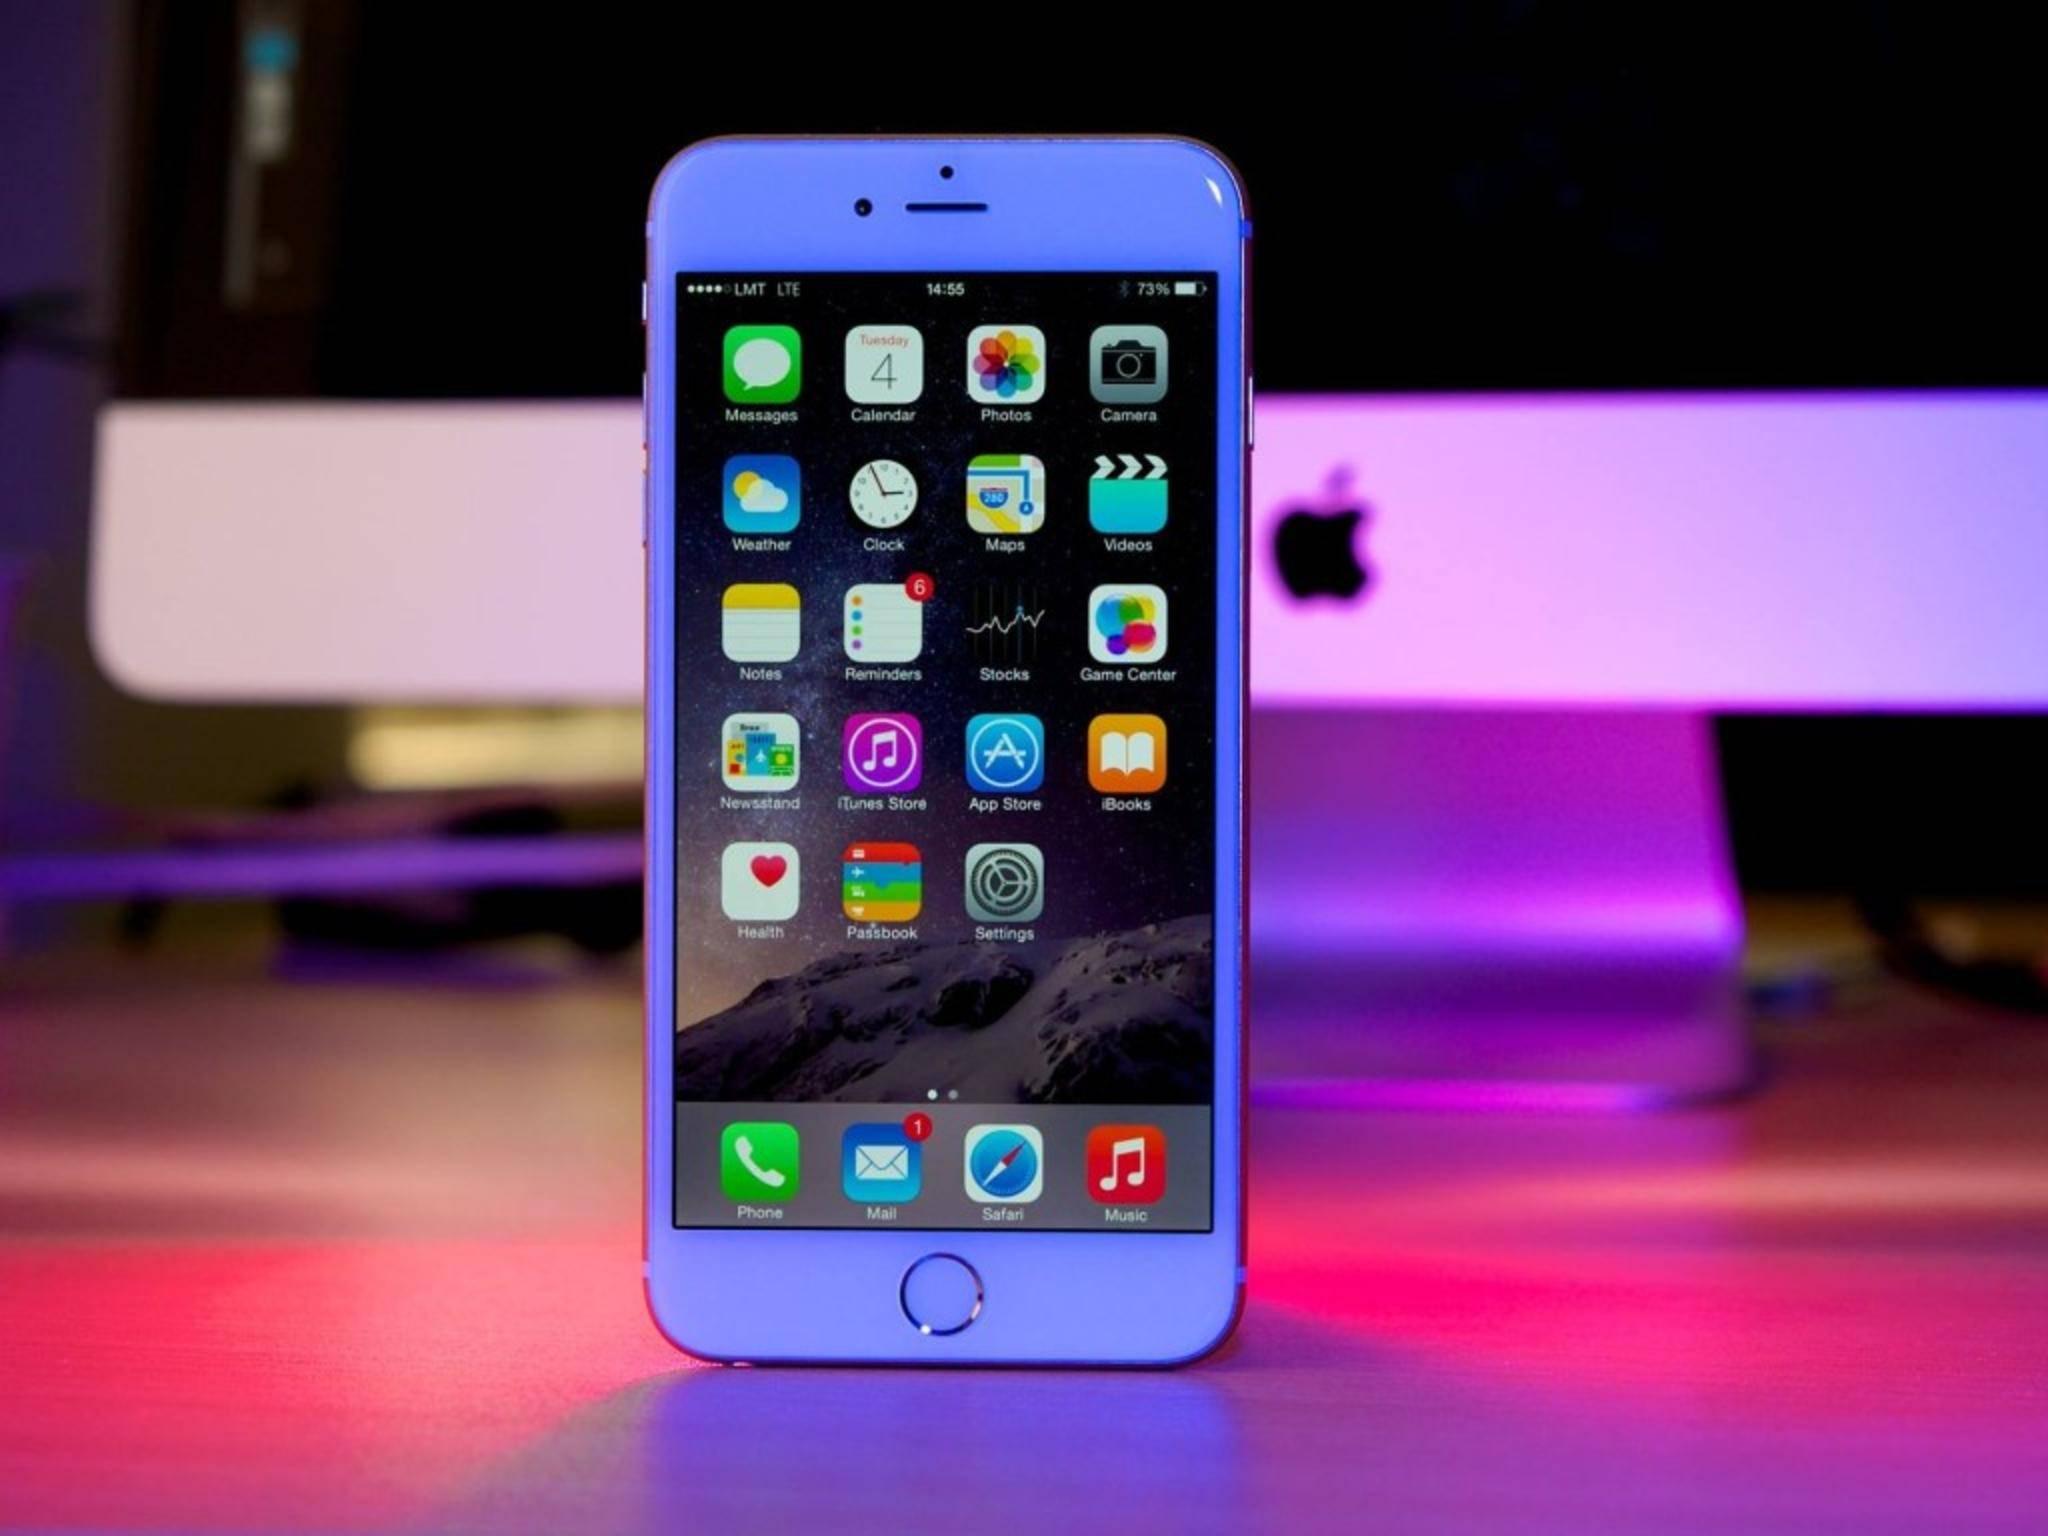 Das neue iPhone 6 sorgt für einen rasanten Anstieg bei App-Downloads.